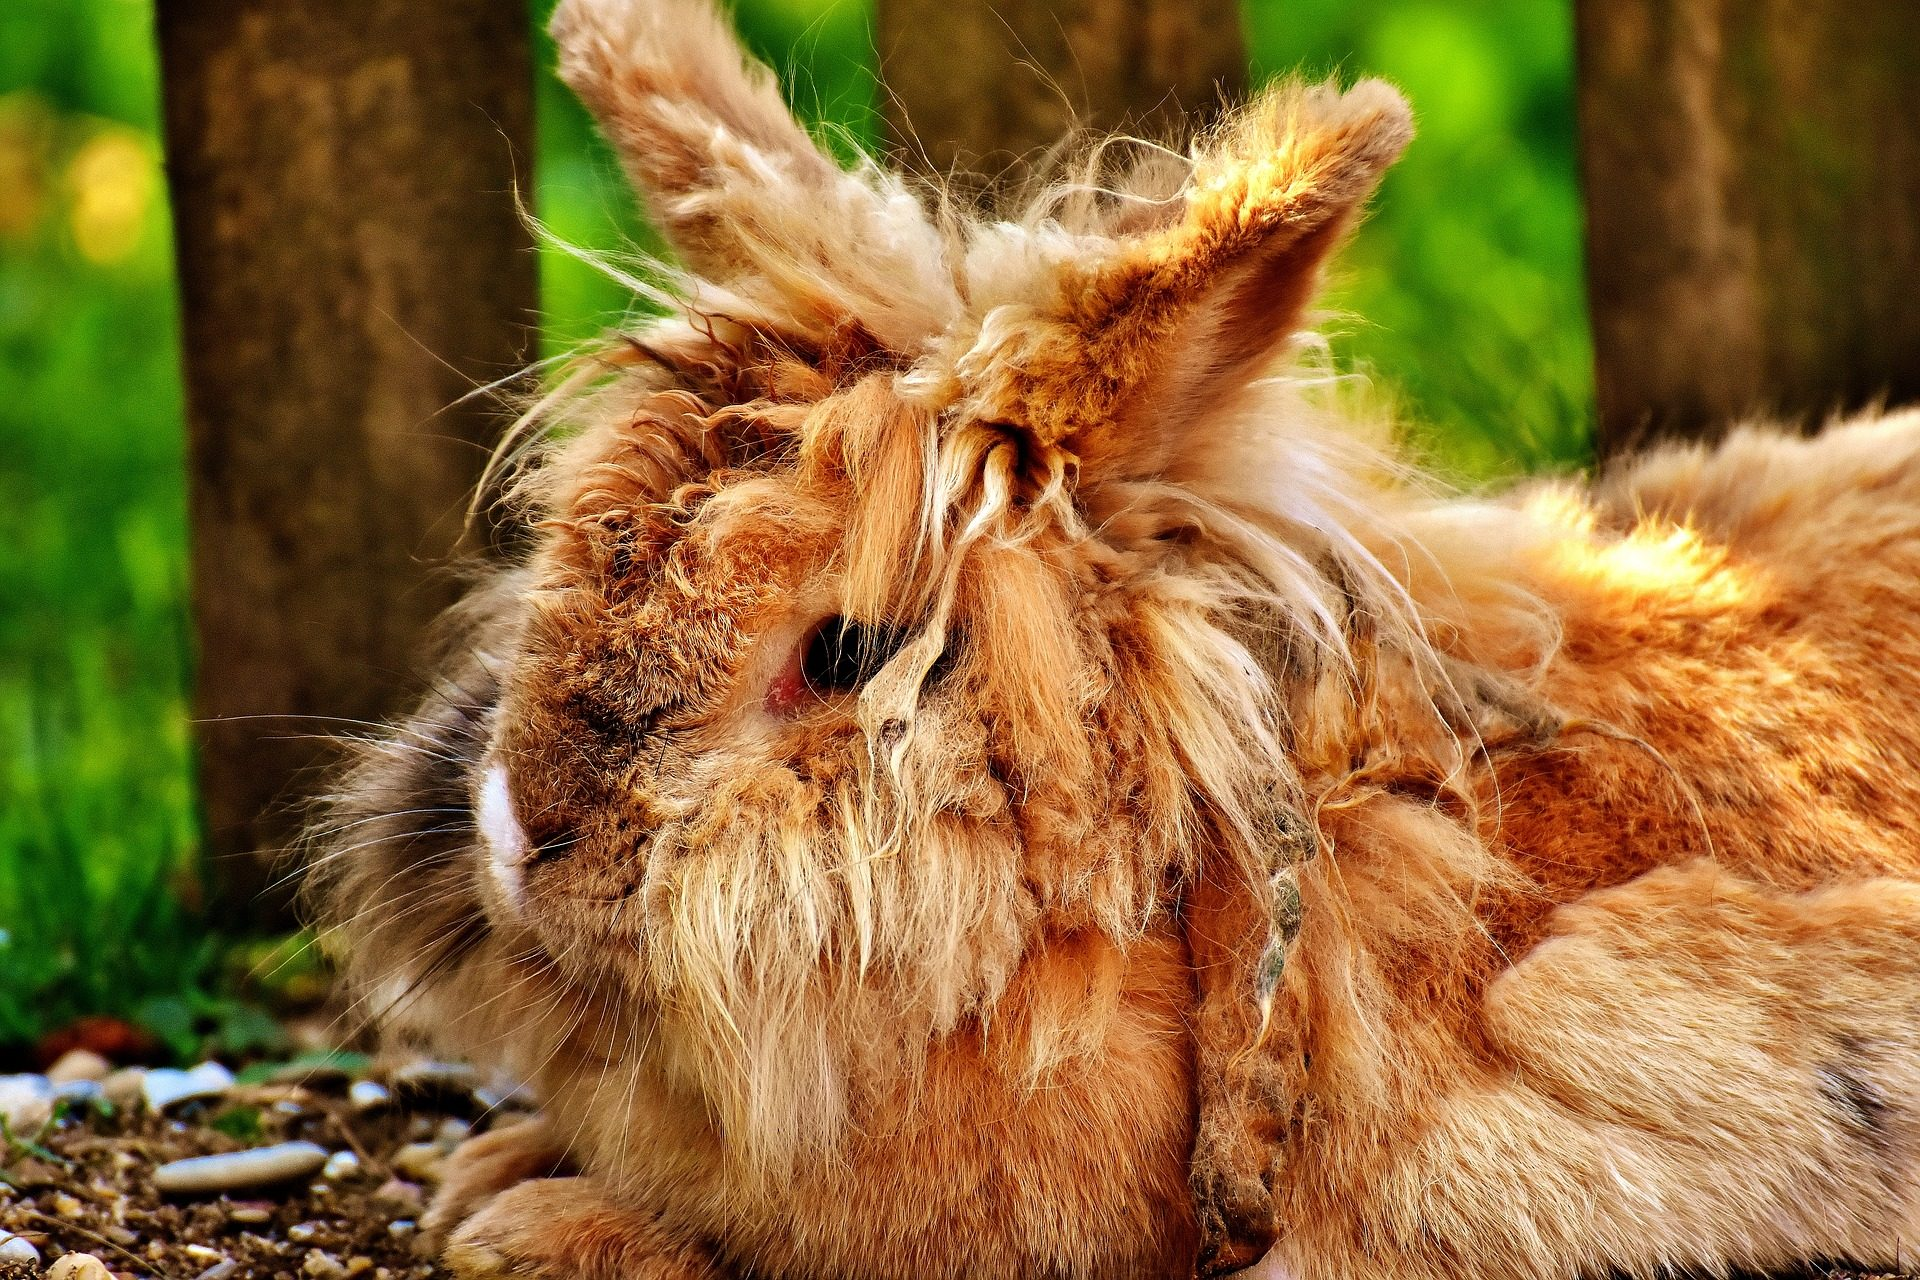 खरगोश, silvestre, जंगली, फर, बालों वाली - HD वॉलपेपर - प्रोफेसर-falken.com